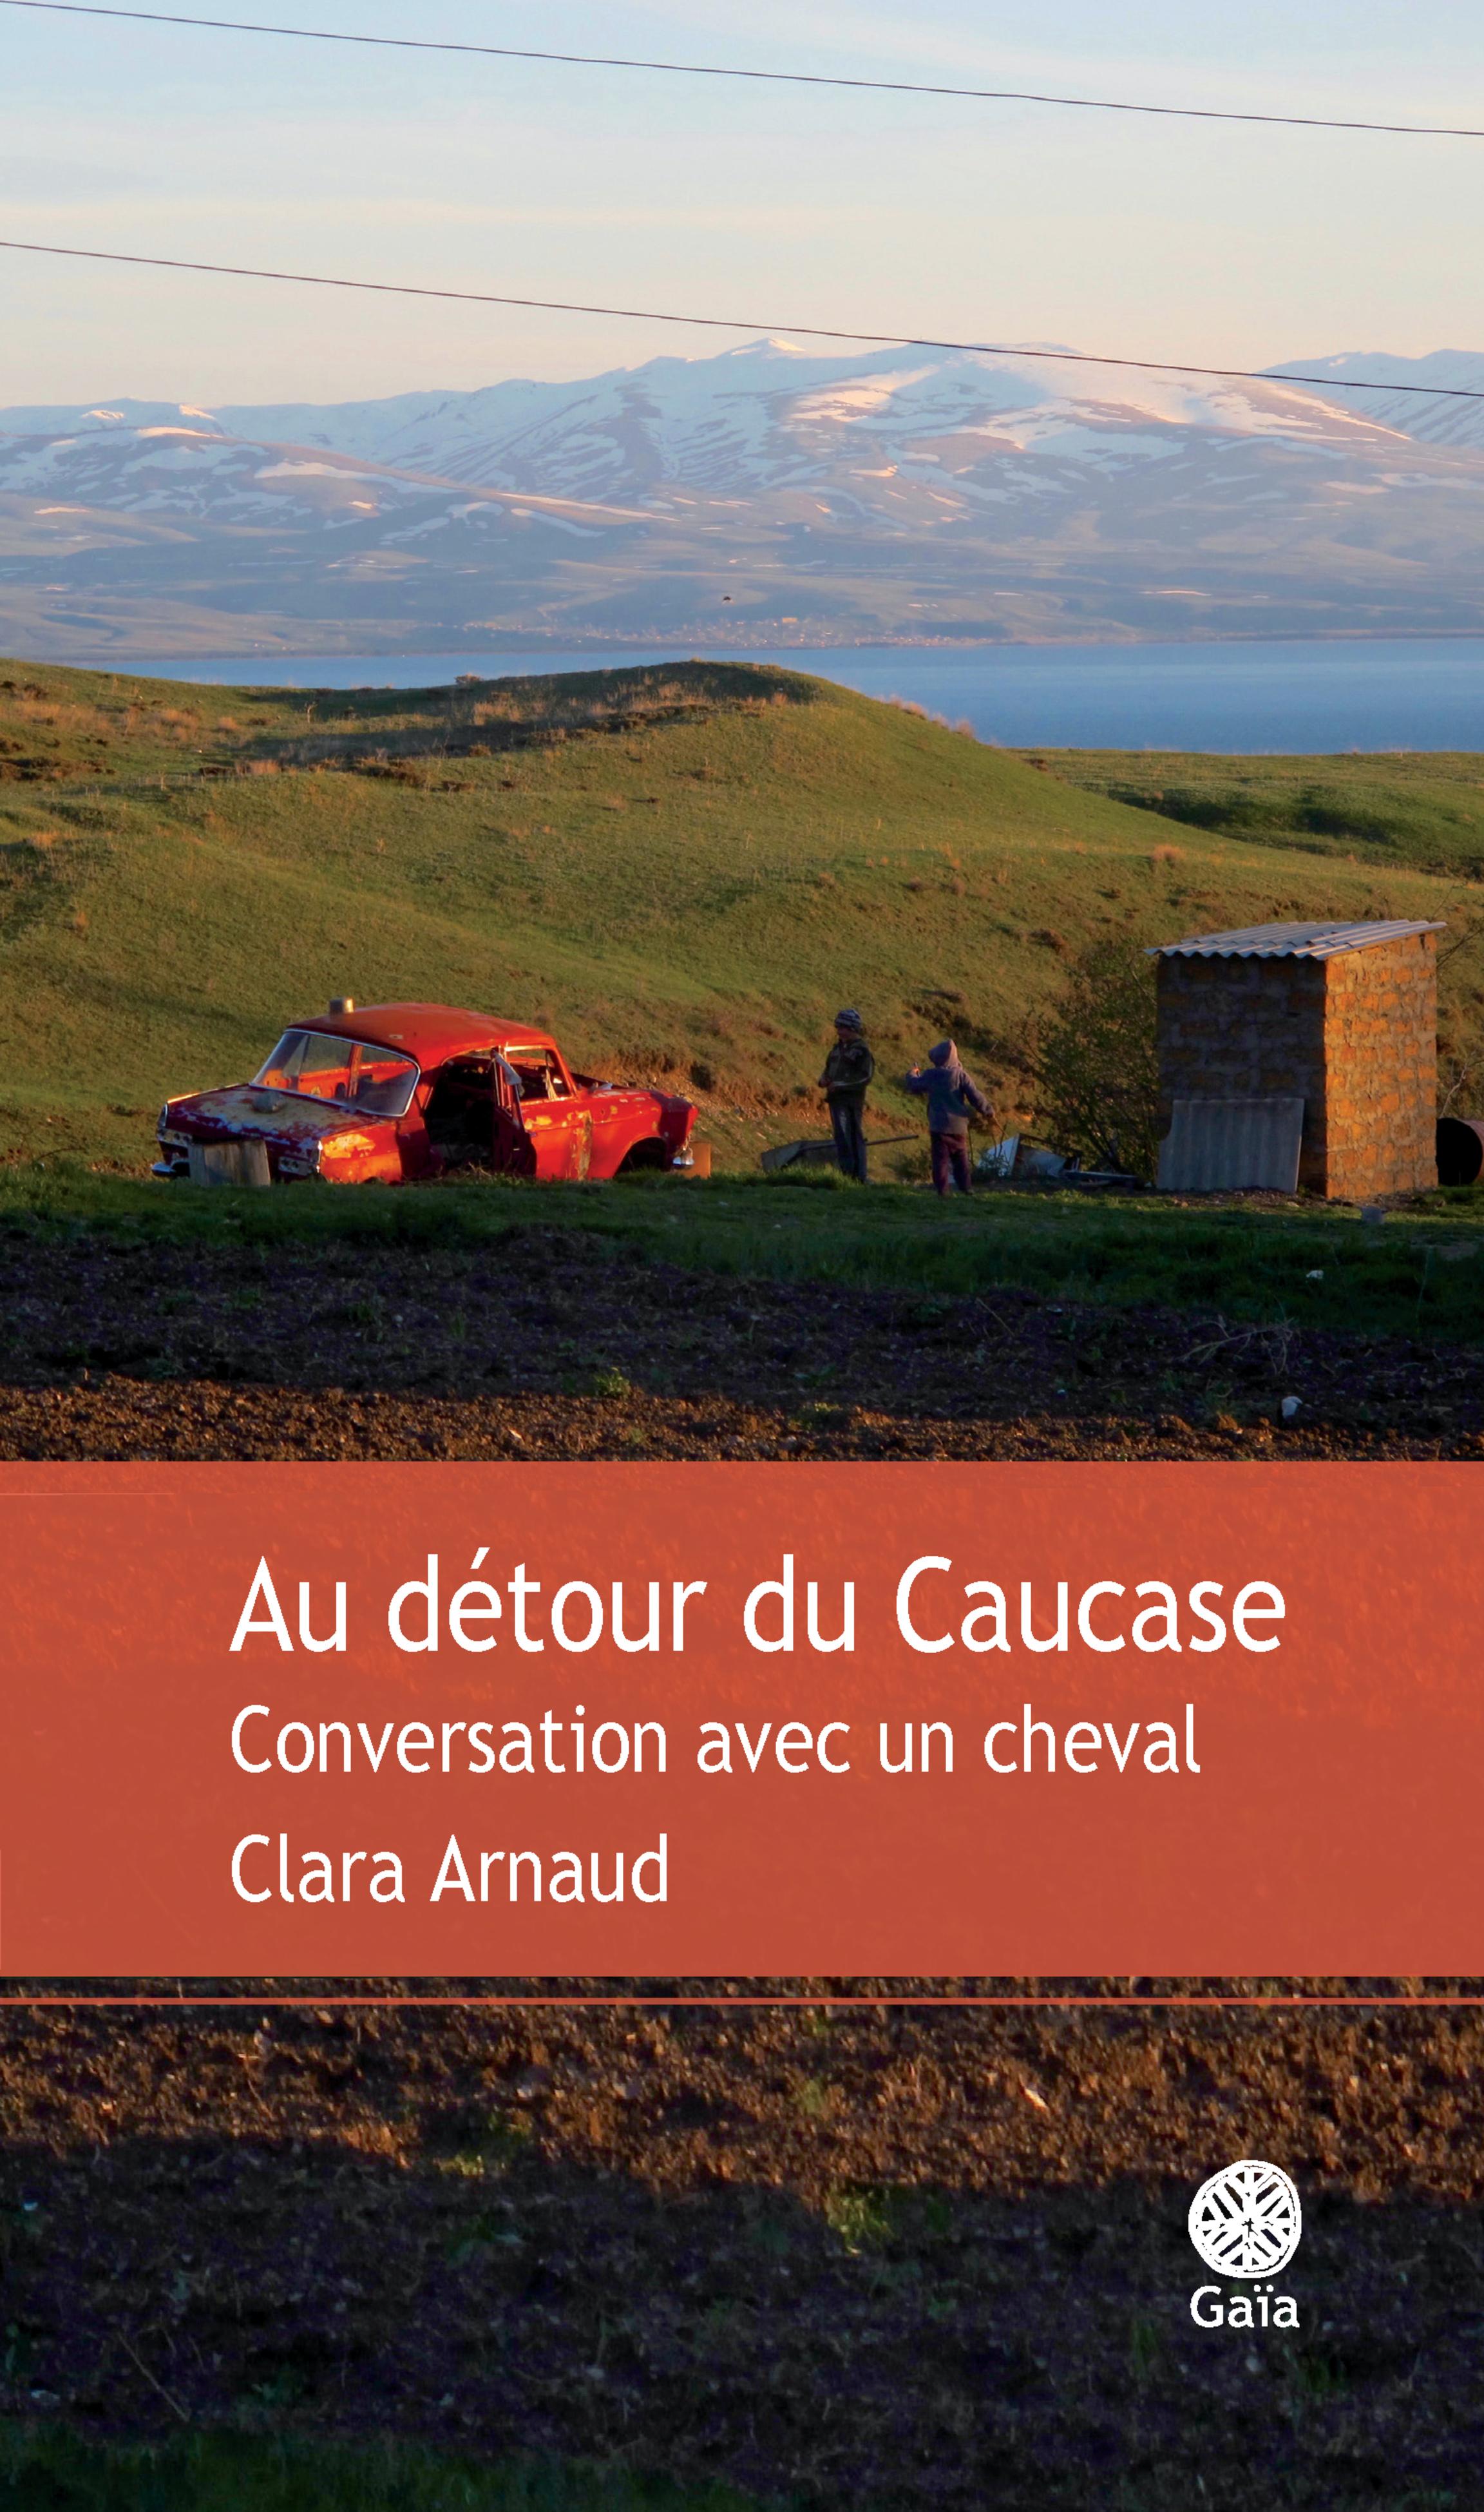 Au détour du Caucase